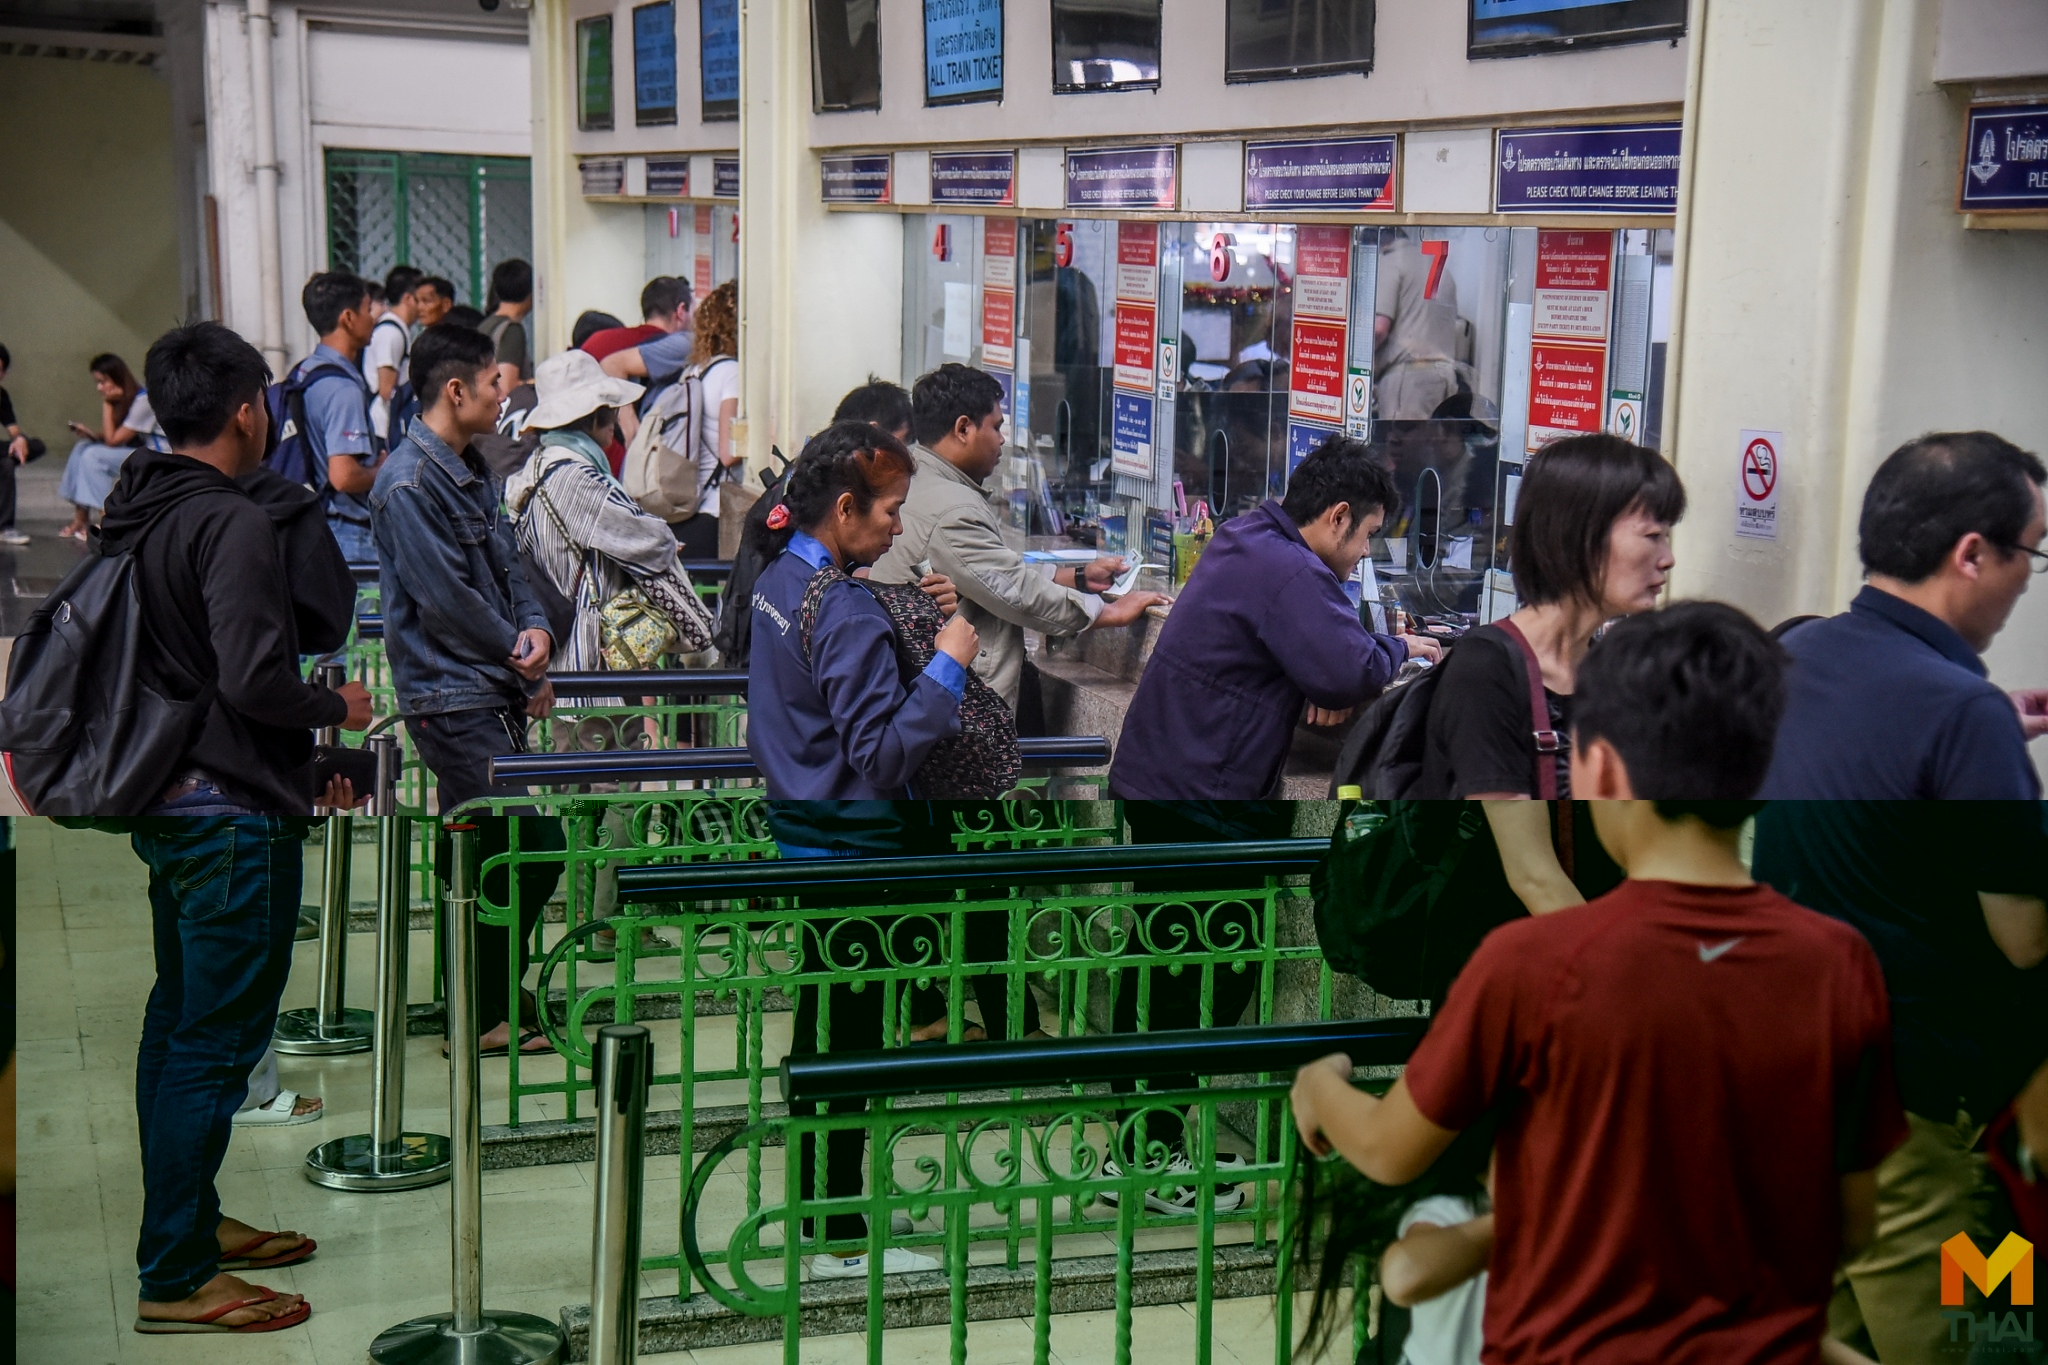 การรถไฟแห่งประเทศไทย ข่าวสดวันนี้ ตั๋วรถไฟ สงกรานต์2563